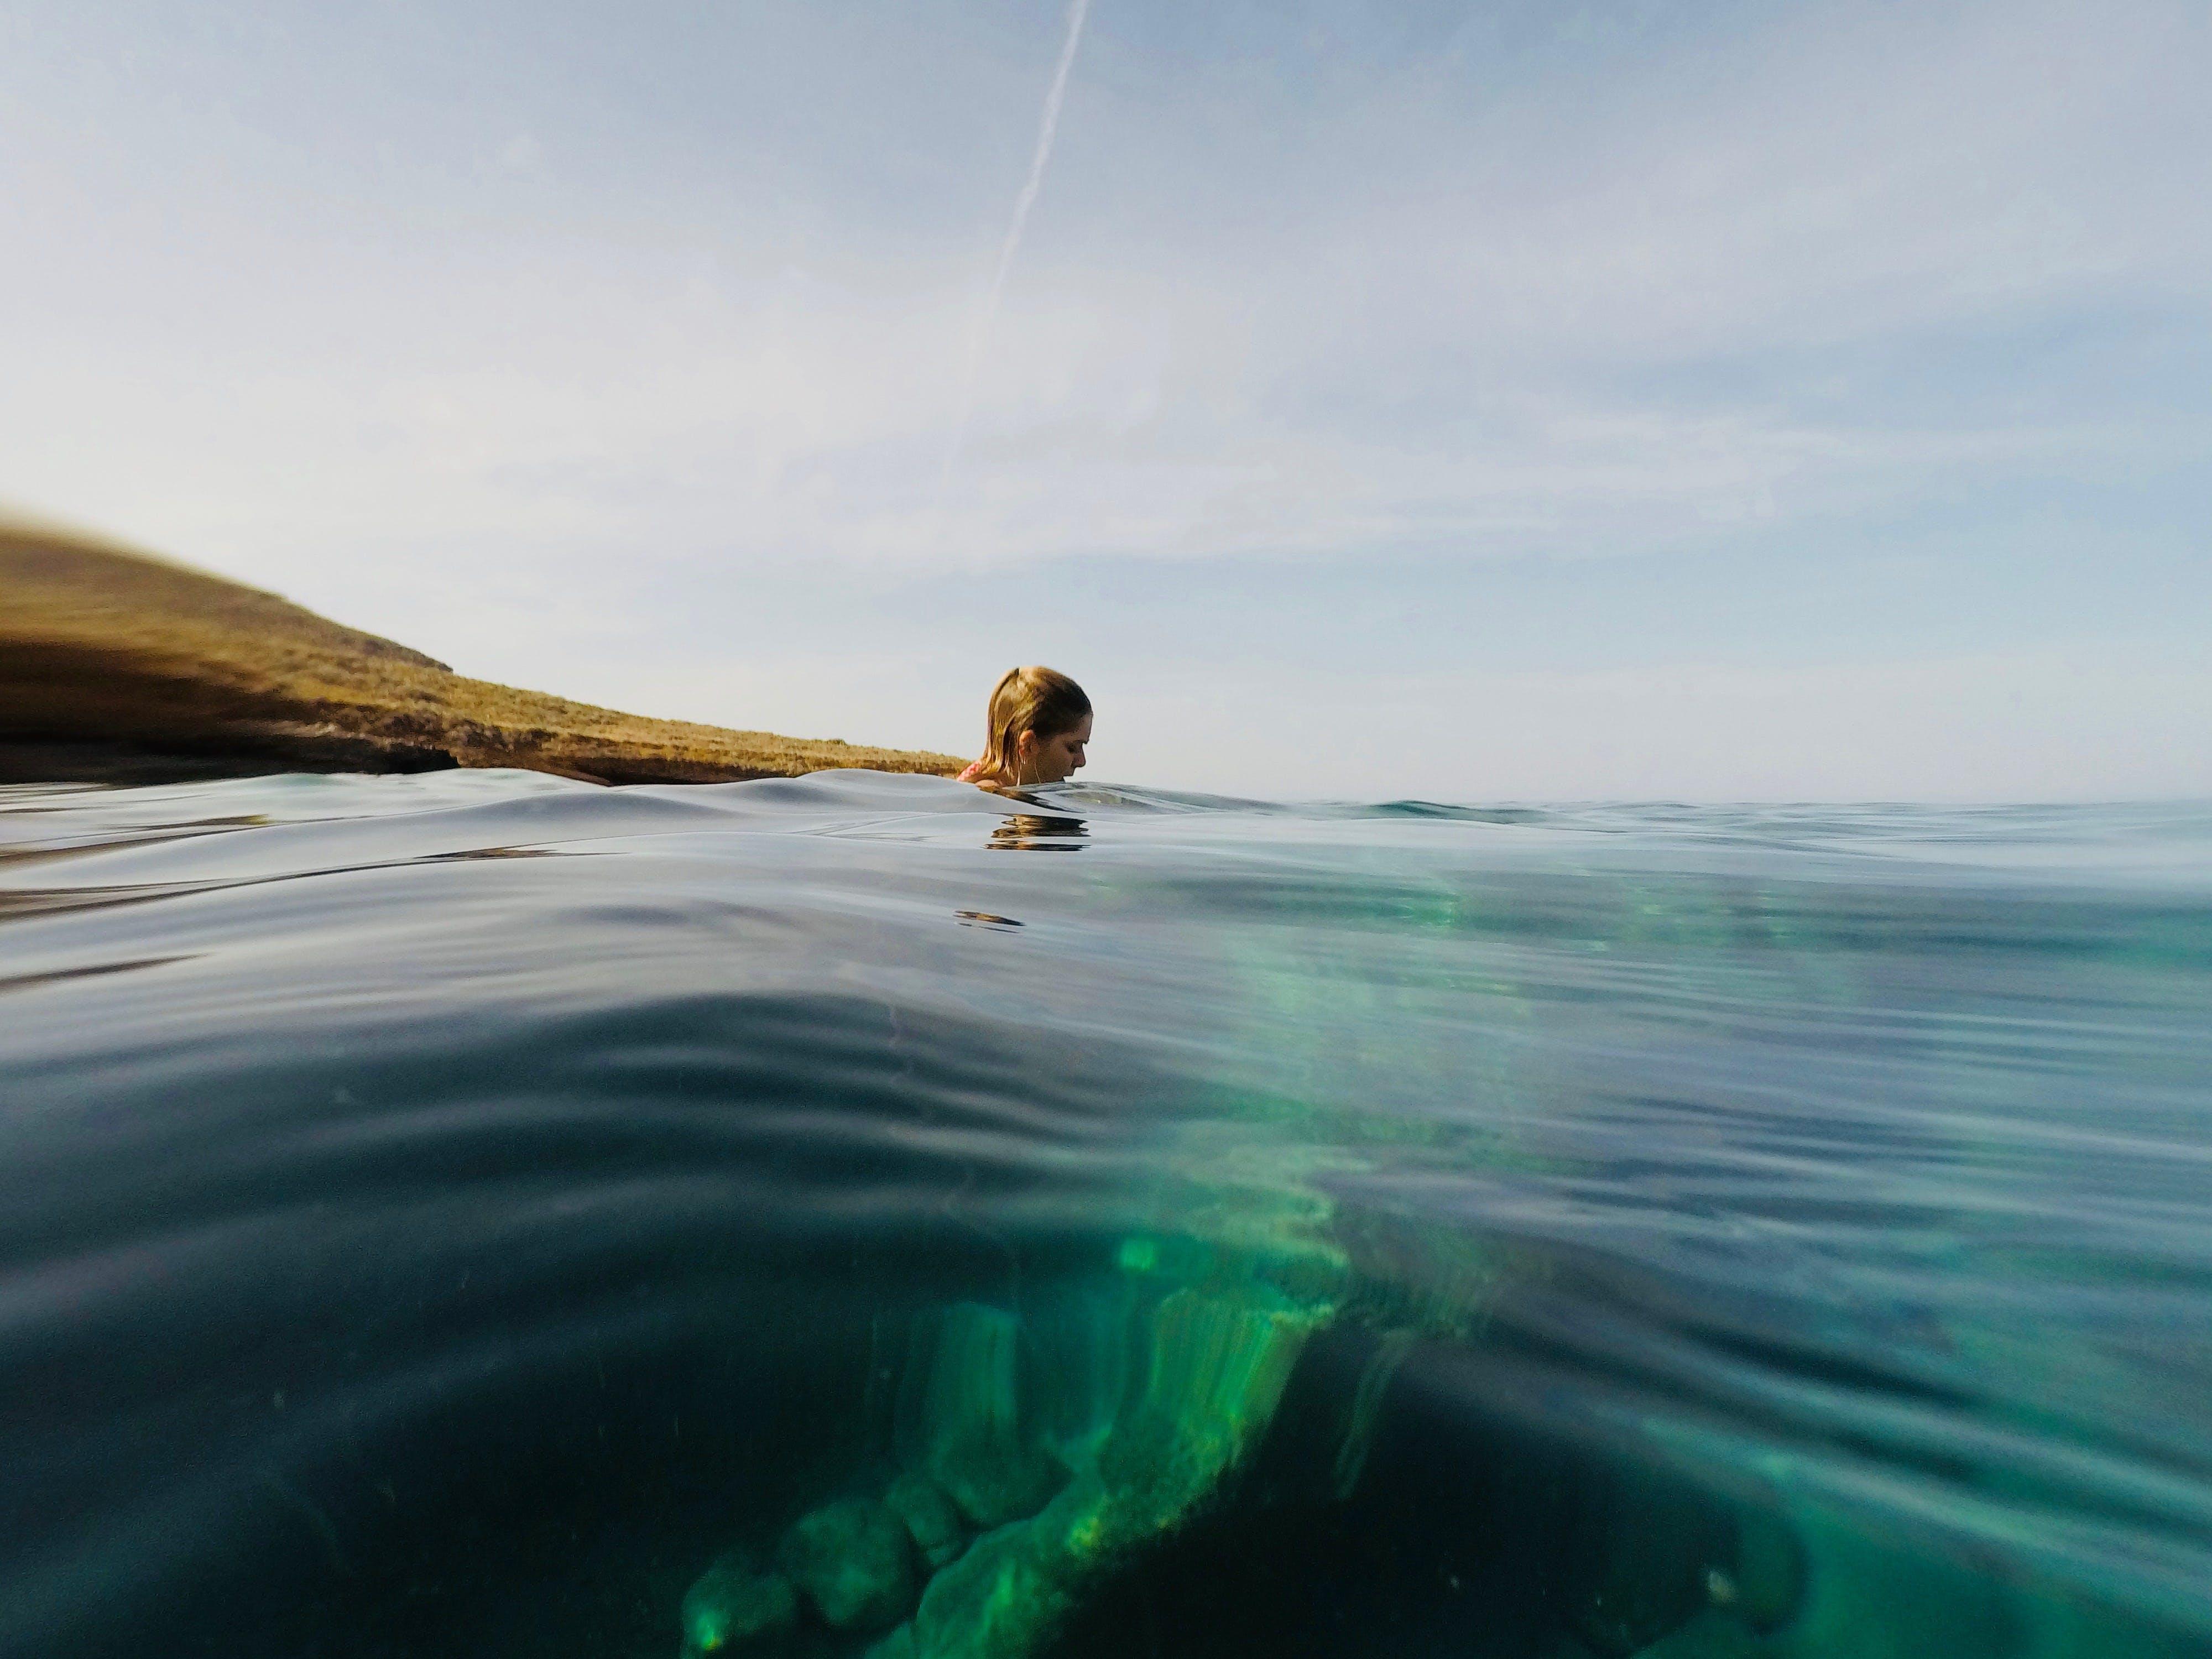 Kostenloses Stock Foto zu baden, erholung, frau, freizeit